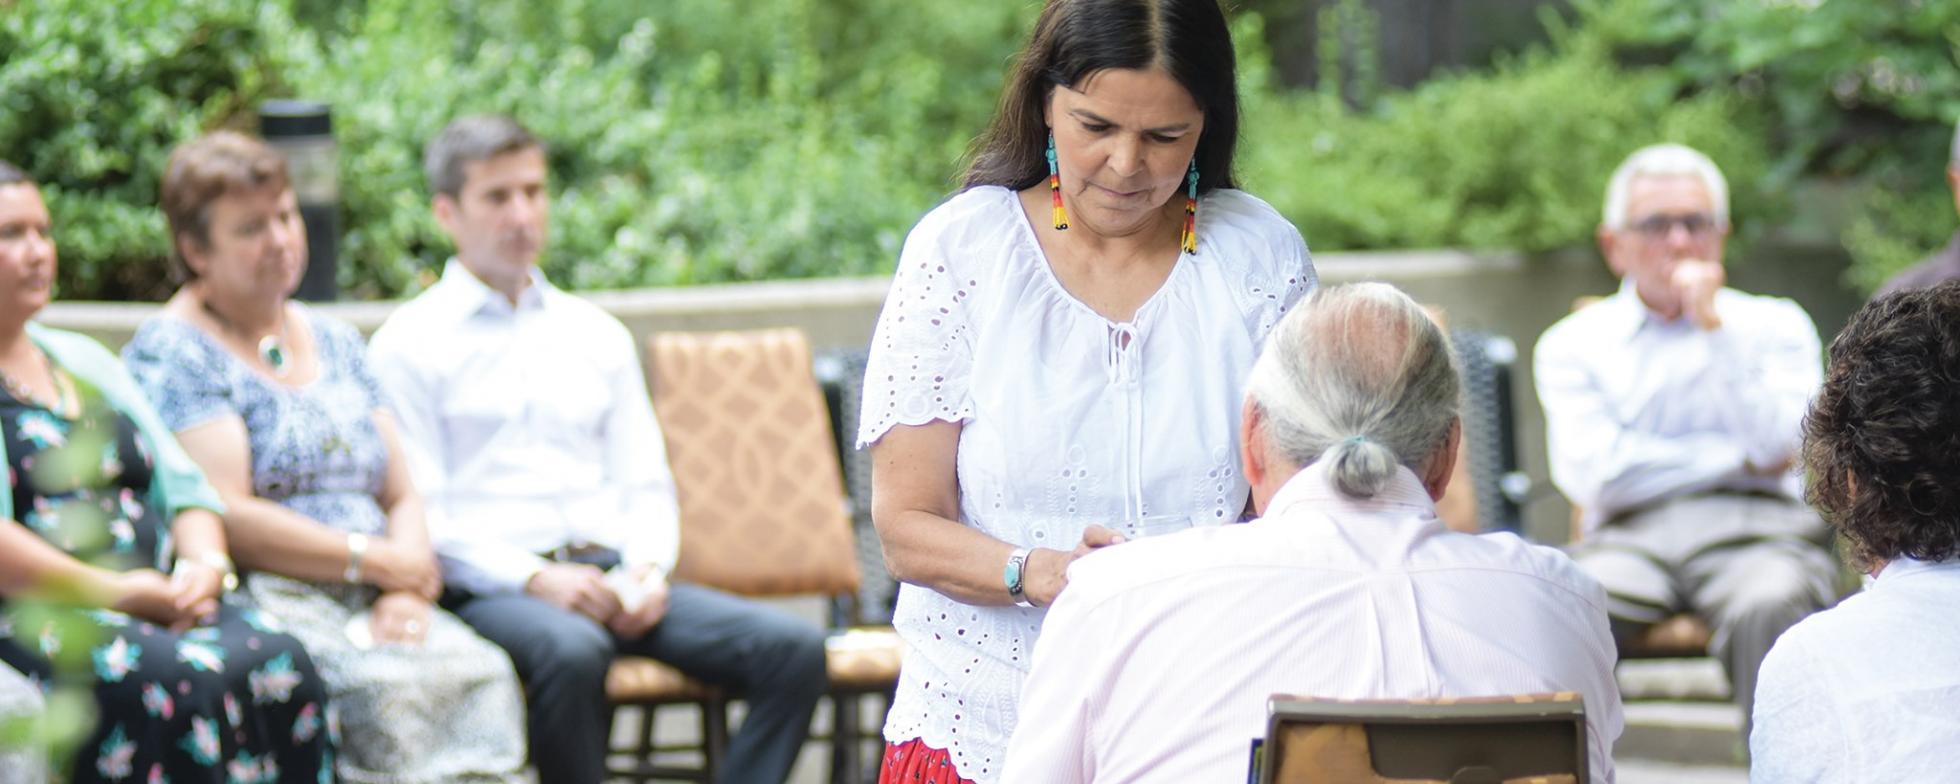 EN: A women is standing in front of a seated elderly man FR: Une femme se tient devant un homme âgé assis